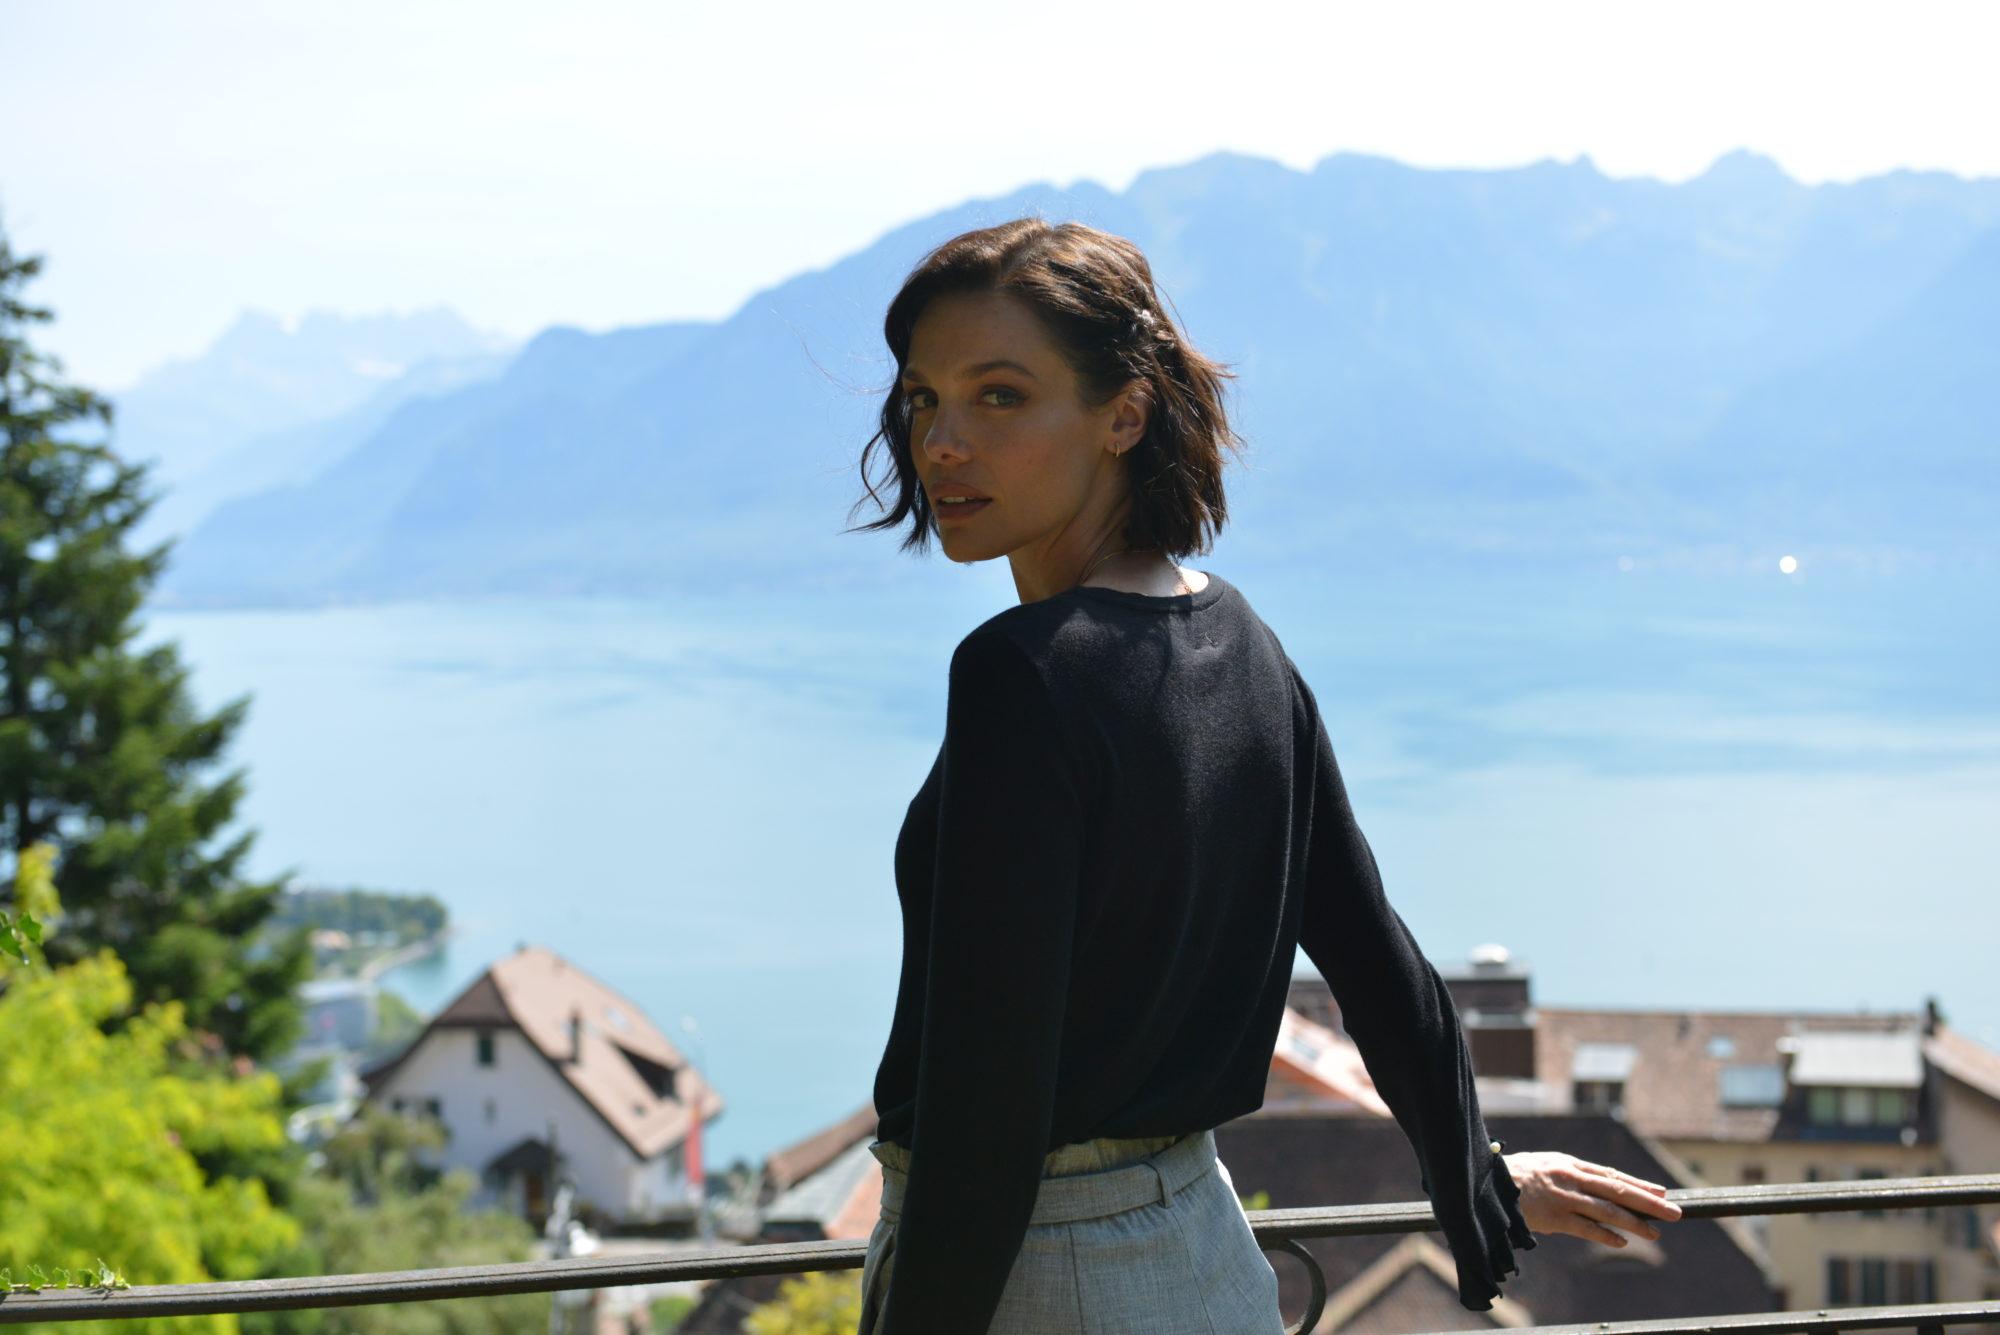 Alizée Gaillard, notre belle ambassadrice made in Switzerland, nous parle beauté, bien-être et de son actu!